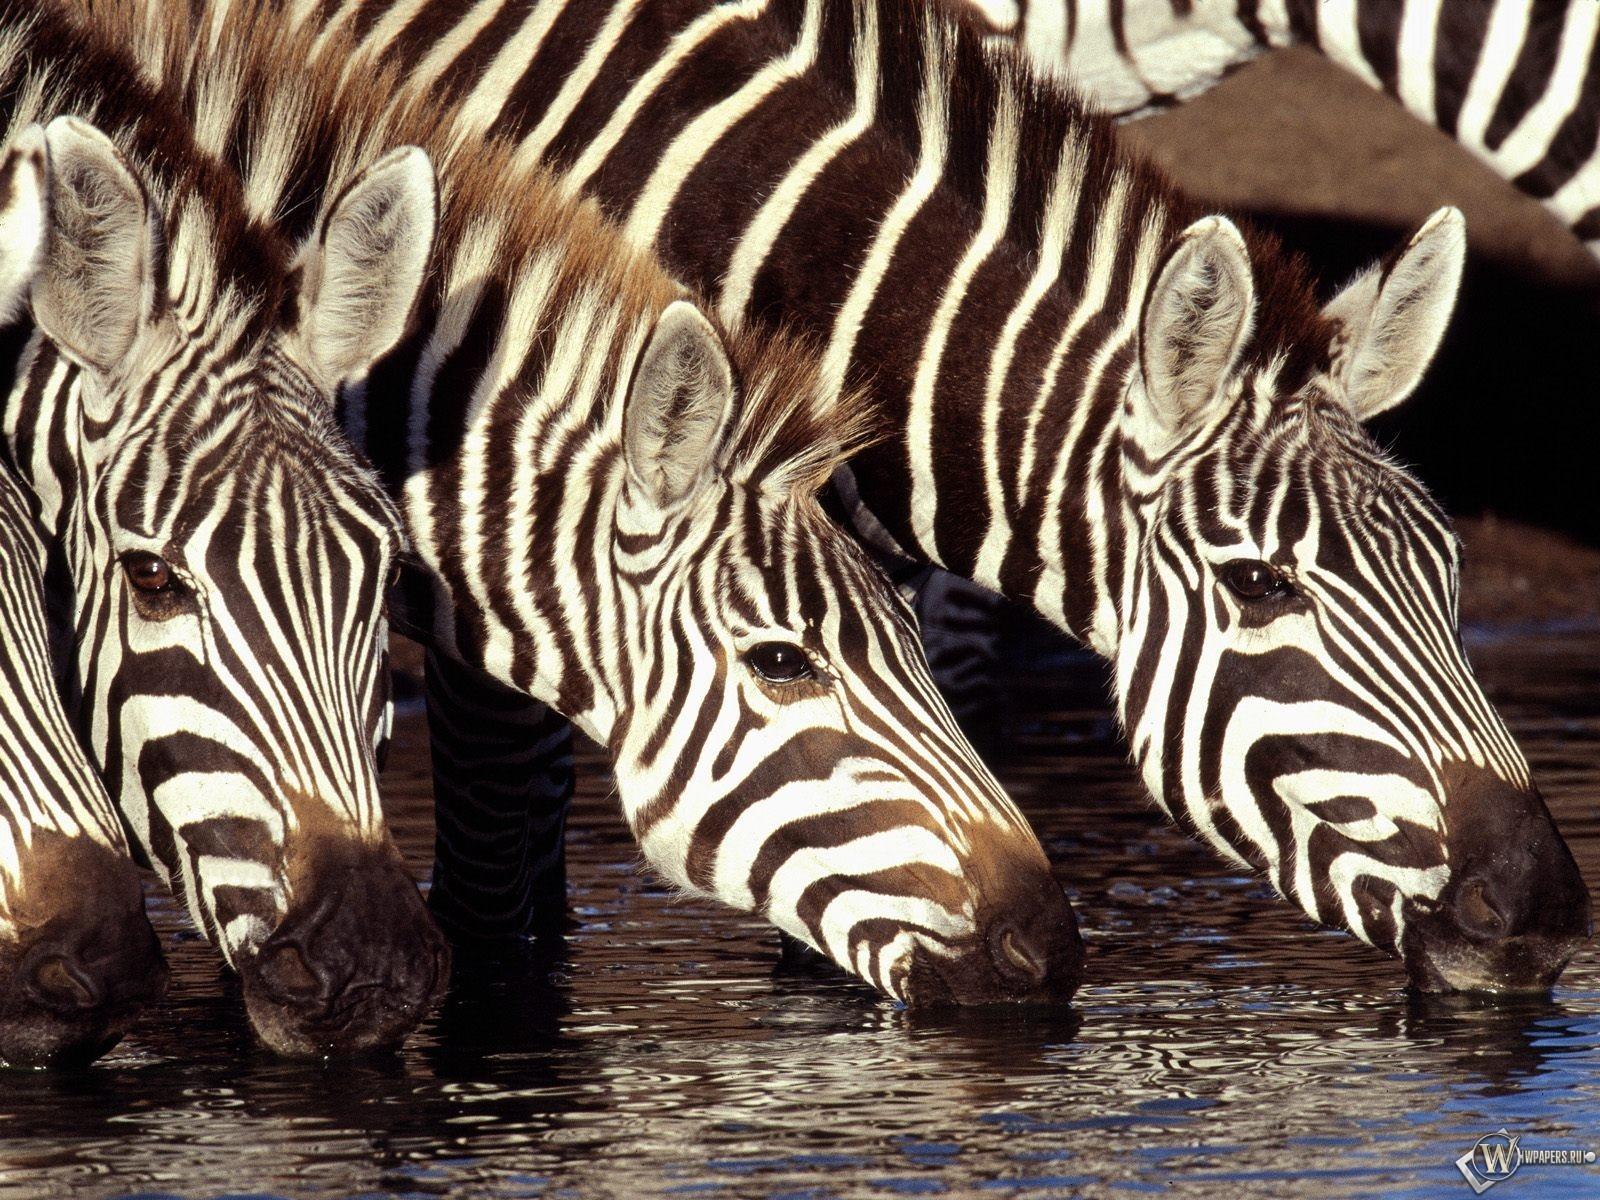 Зебры на водопое 1600x1200